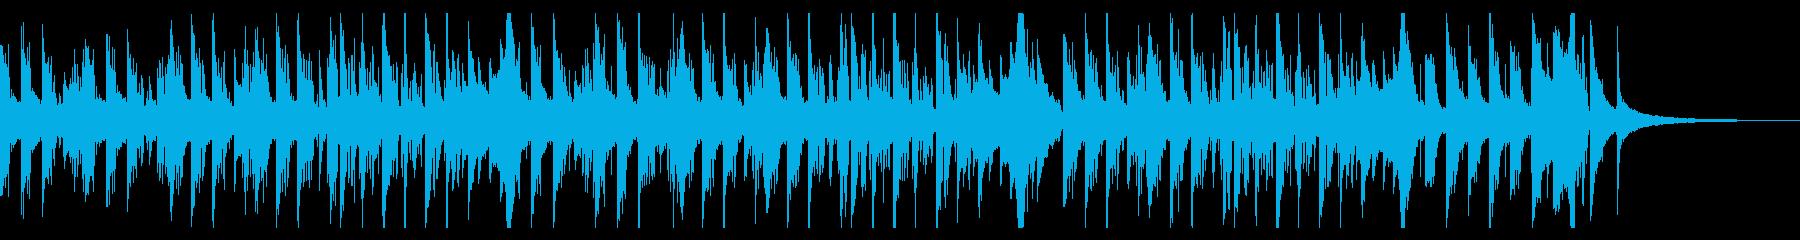 映像やCMに 爽やか4つ打ちアコギ曲の再生済みの波形